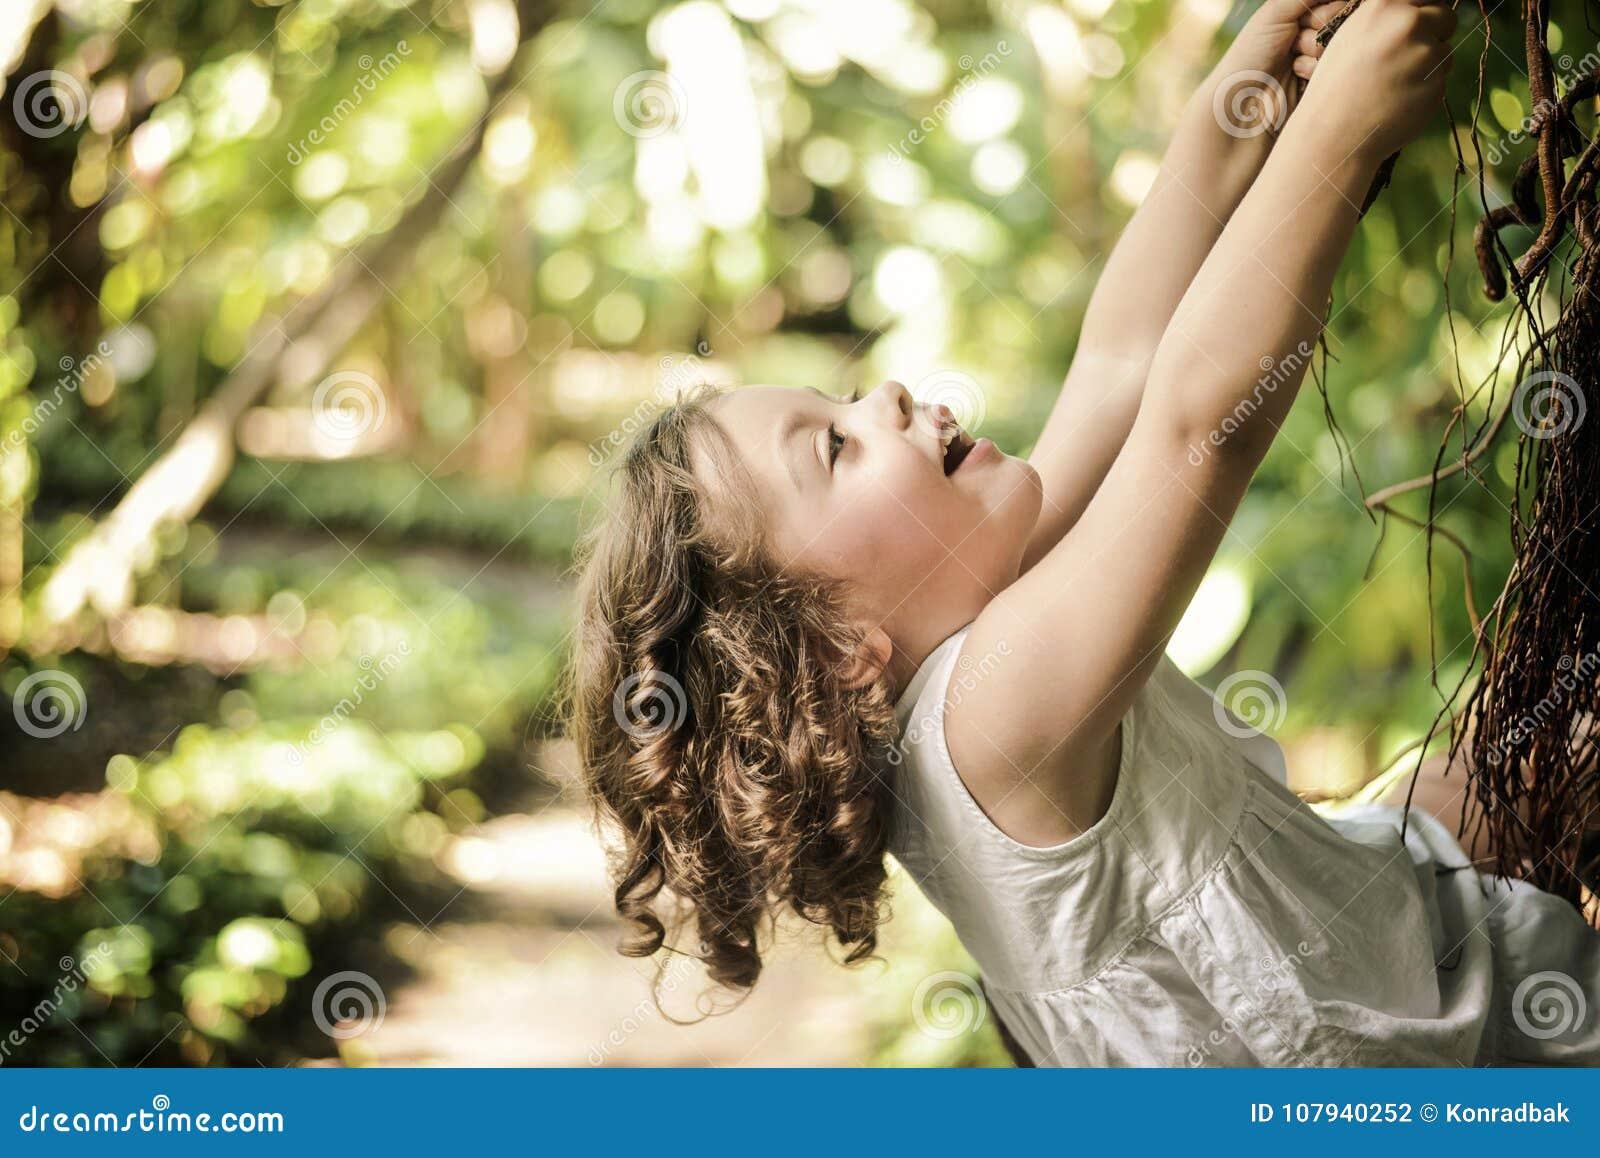 Nettes, kleines Mädchen, das auf einer Palme klettert